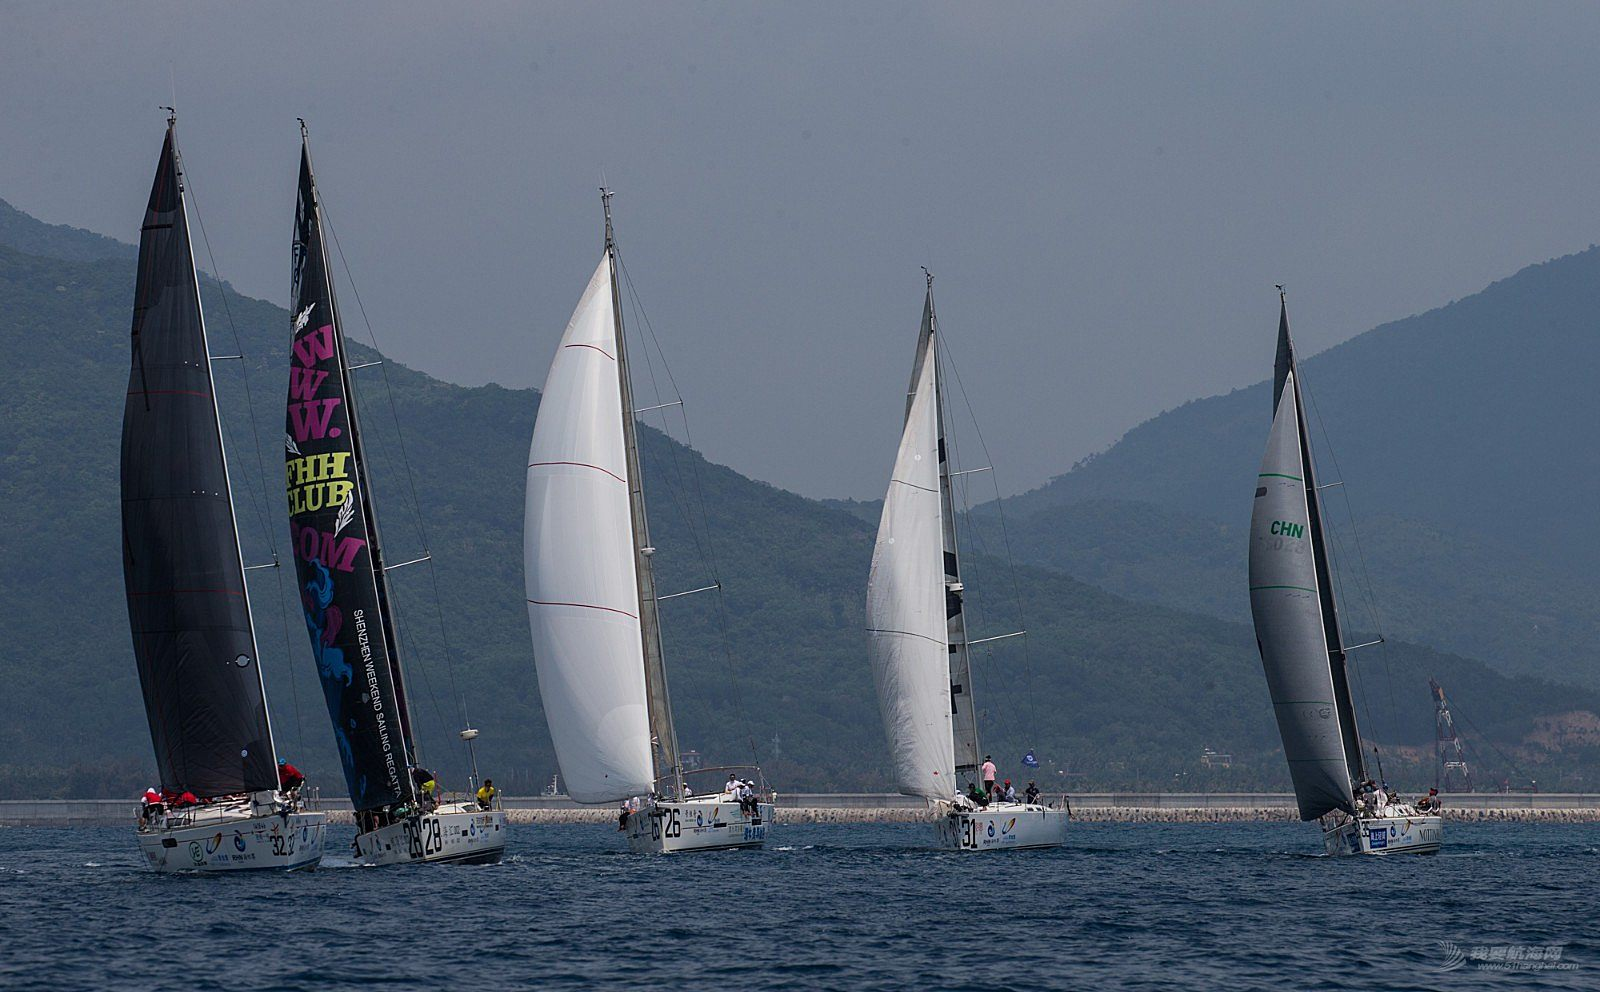 碧桂园杯2018第九届环海南岛国际大帆船赛IRC456组陵水到万宁拉力赛30日场地赛赛事3